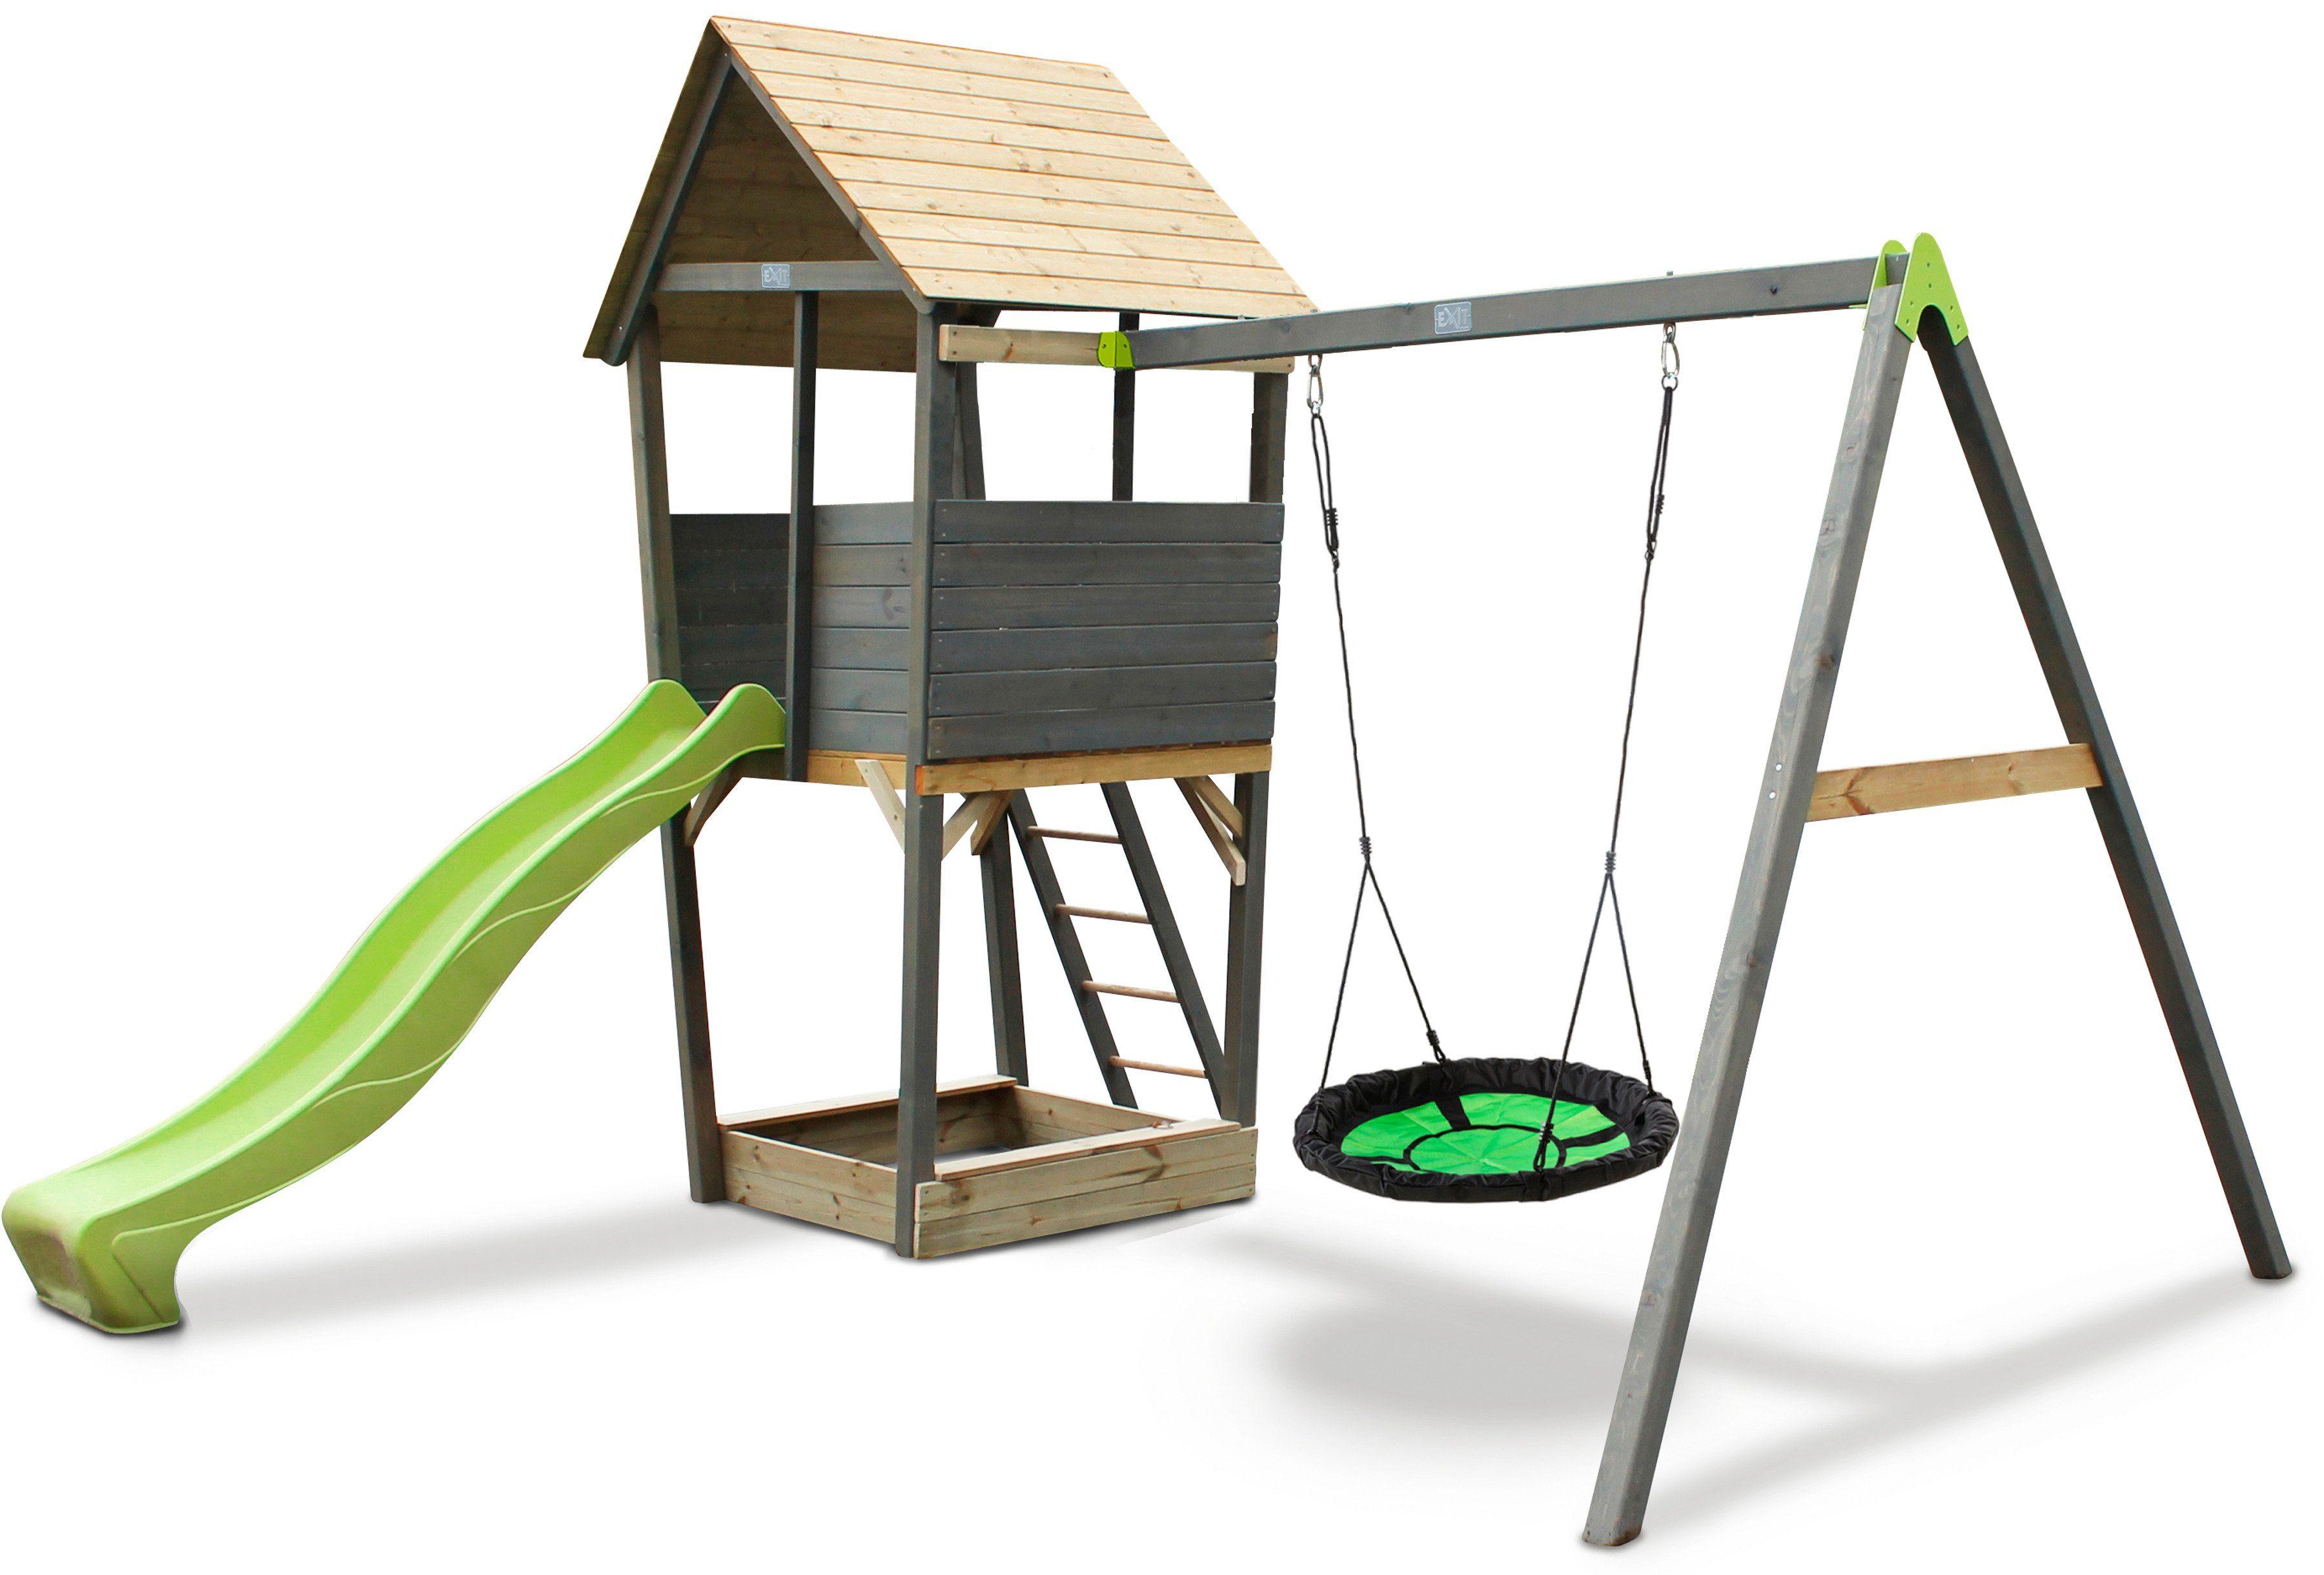 Klettergerüst Für Zu Hause : Klettergerüste günstig online kaufen real